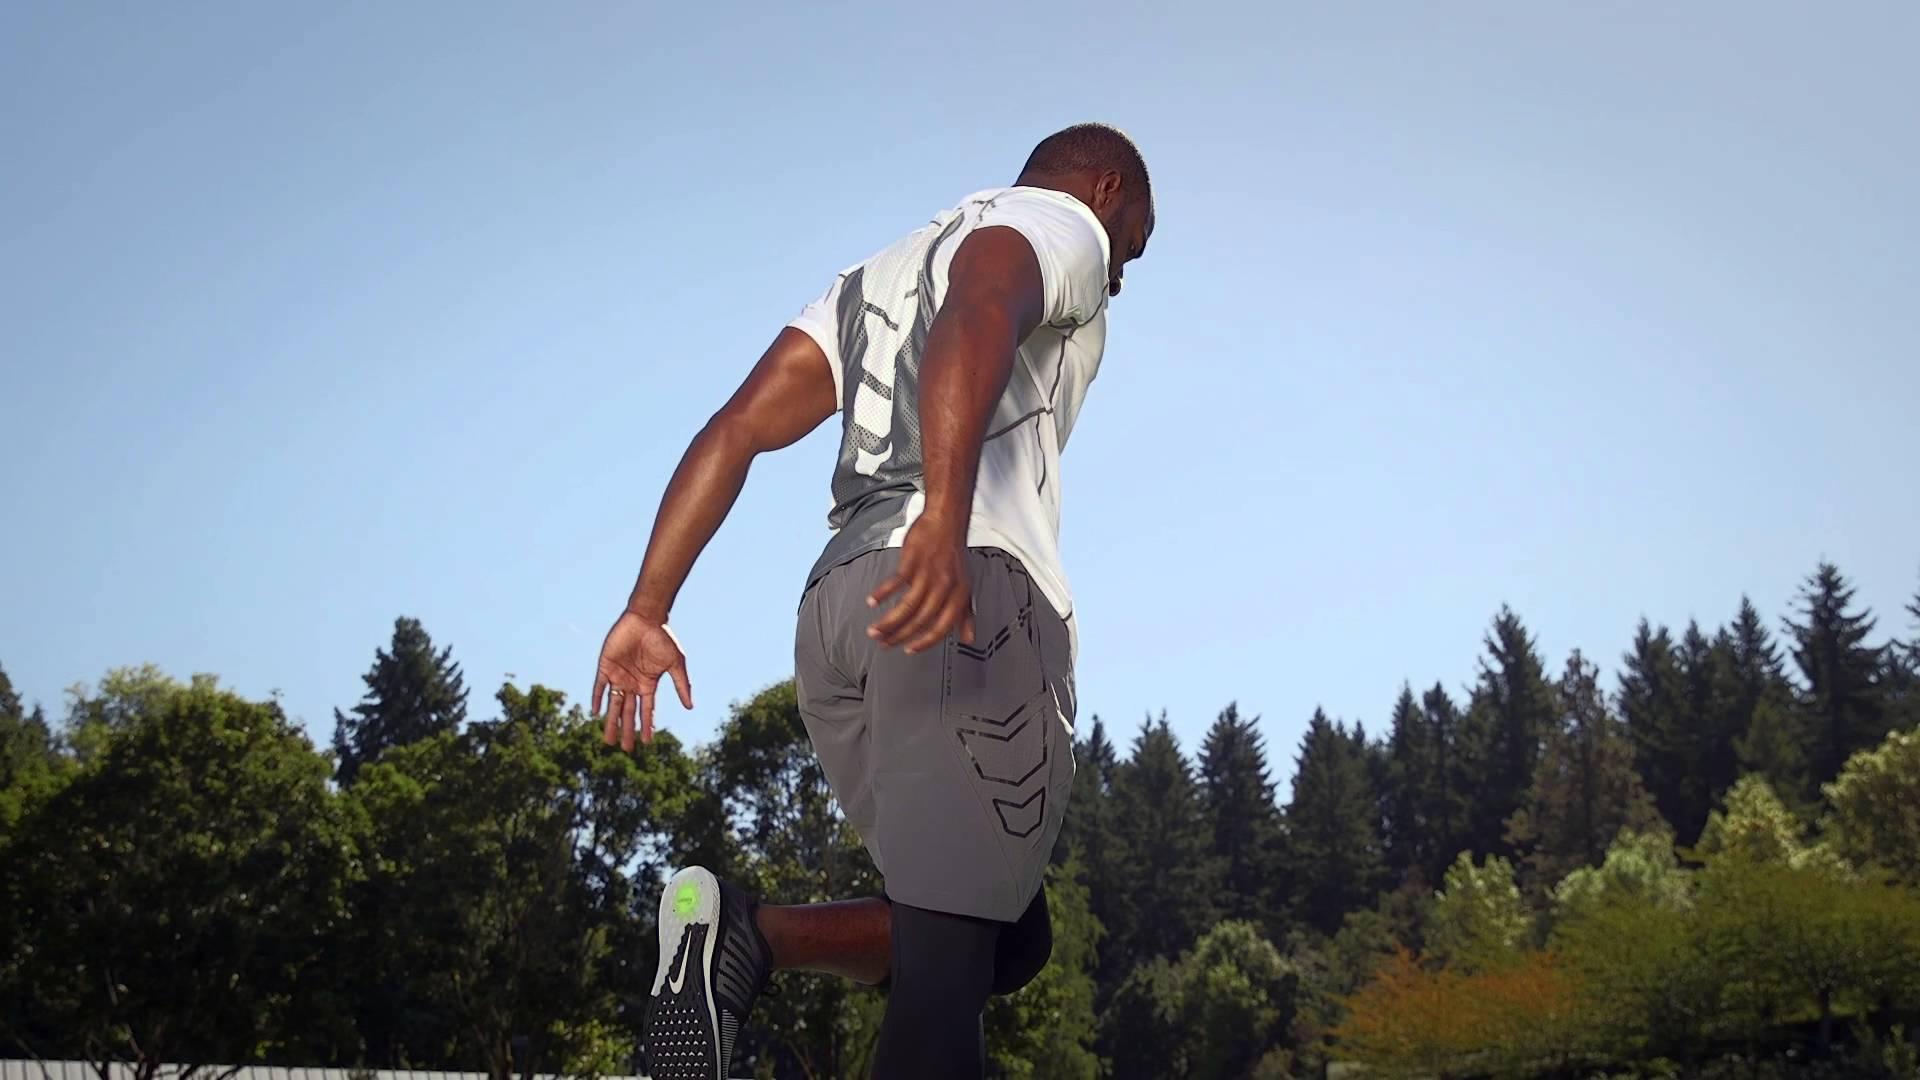 ヘディングを強化するために跳躍力を養おう!(跳躍・体幹・バネ)の写真